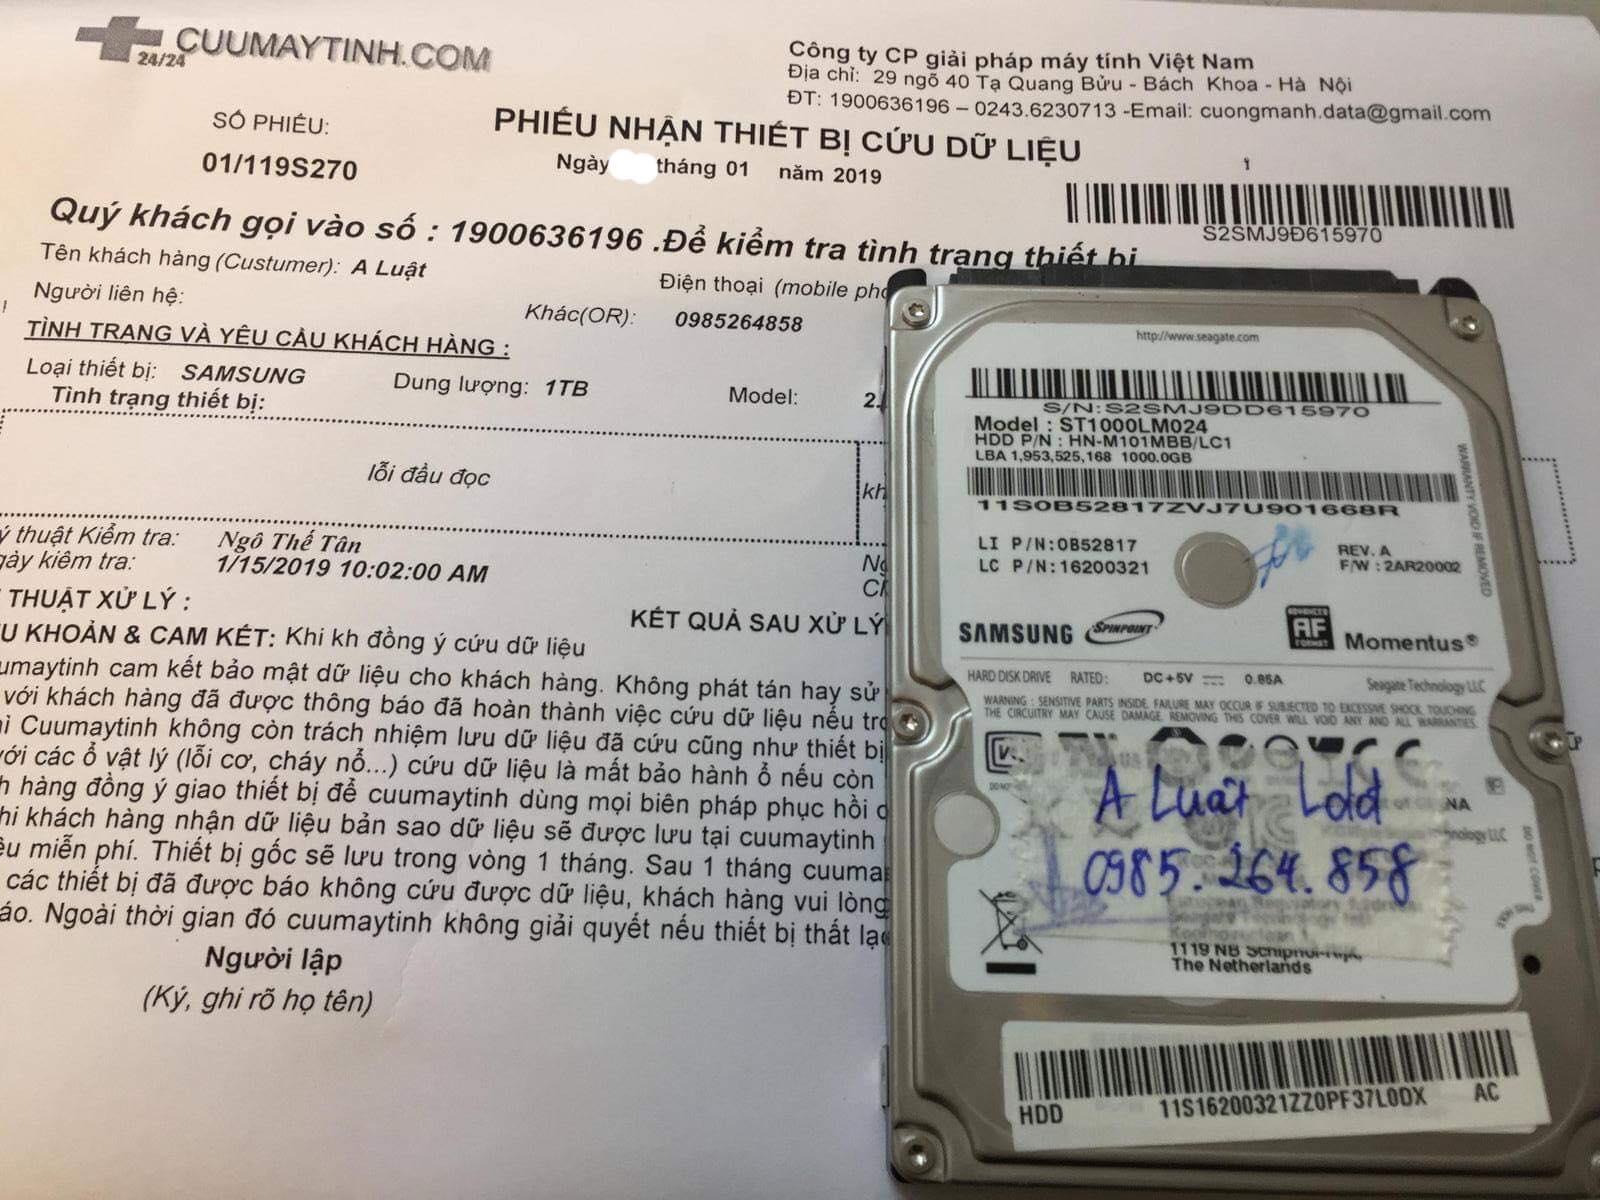 Khôi phục dữ liệu ổ cứng Samsung 1TB lỗi đầu đọc 19/01/2019 - cuumaytinh